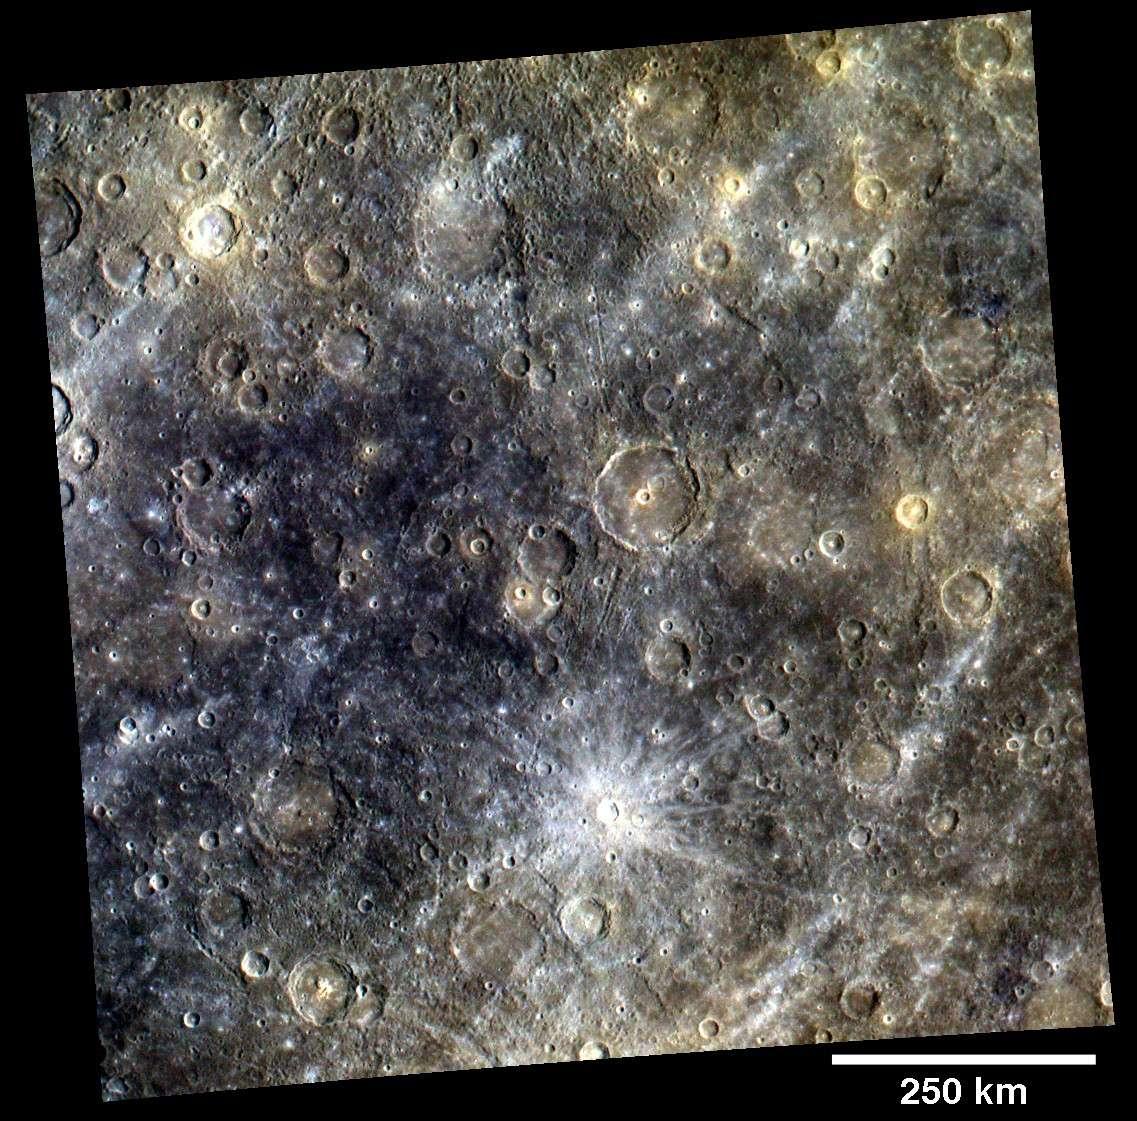 Les images de la surface de Mercure prises en couleur permettent de mieux révéler certains détails, comme ici les rayons lumineux de Snorri, un jeune cratère d'impact de 21 kilomètres de diamètre. © Nasa/Johns Hopkins University Applied Physics Laboratory/Carnegie Institution of Washington